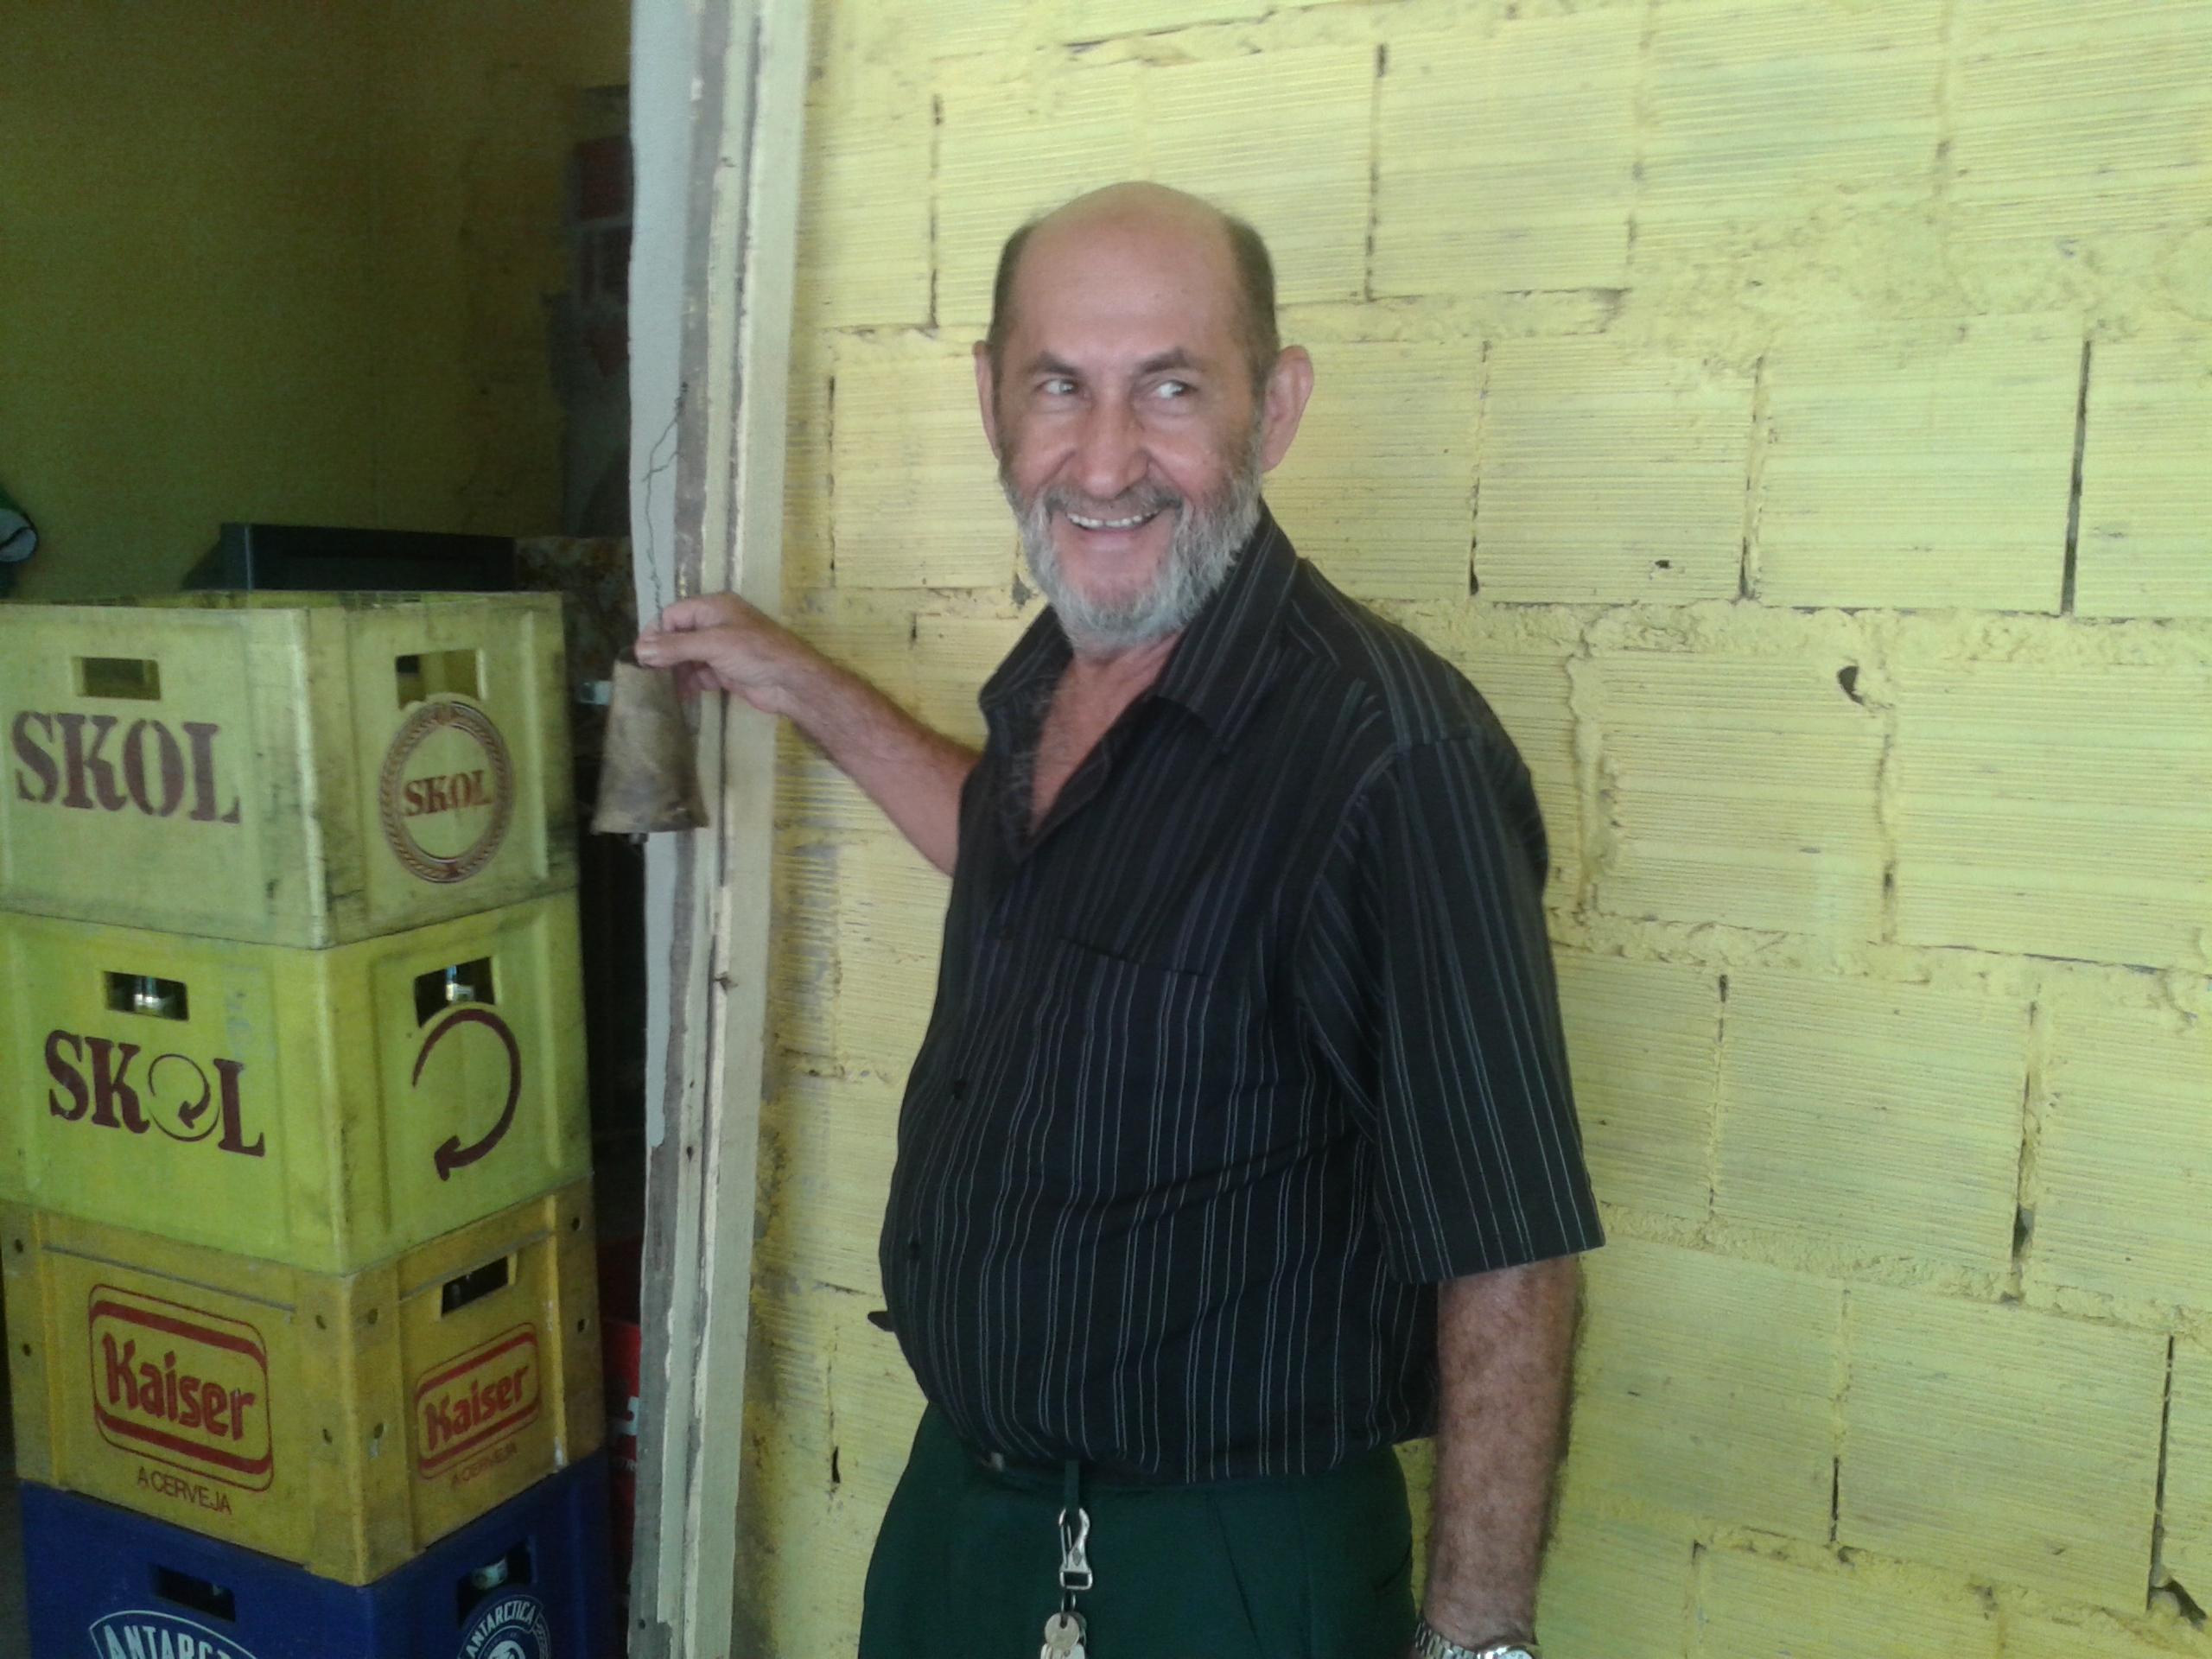 Bairro em Fortaleza é popularmente conhecido como o bairro dos cornos